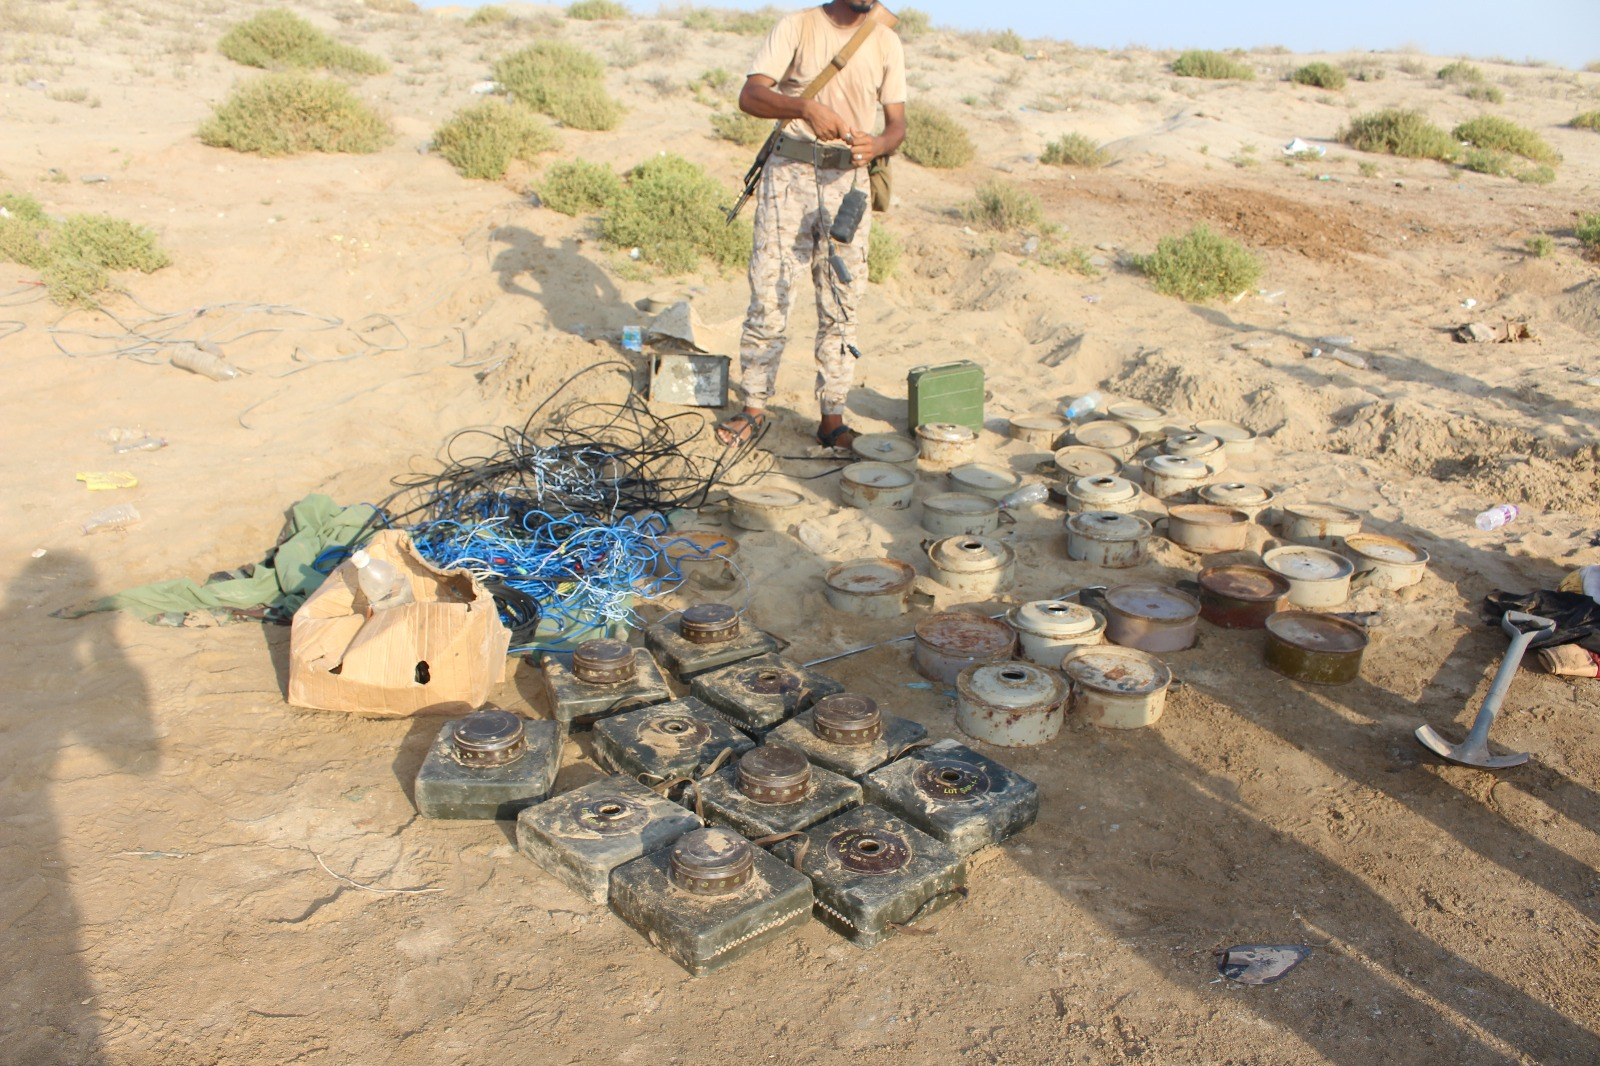 شاهد صورا للألغام التي عثرت عليها المقاومة والجيش في جبهة ميدي